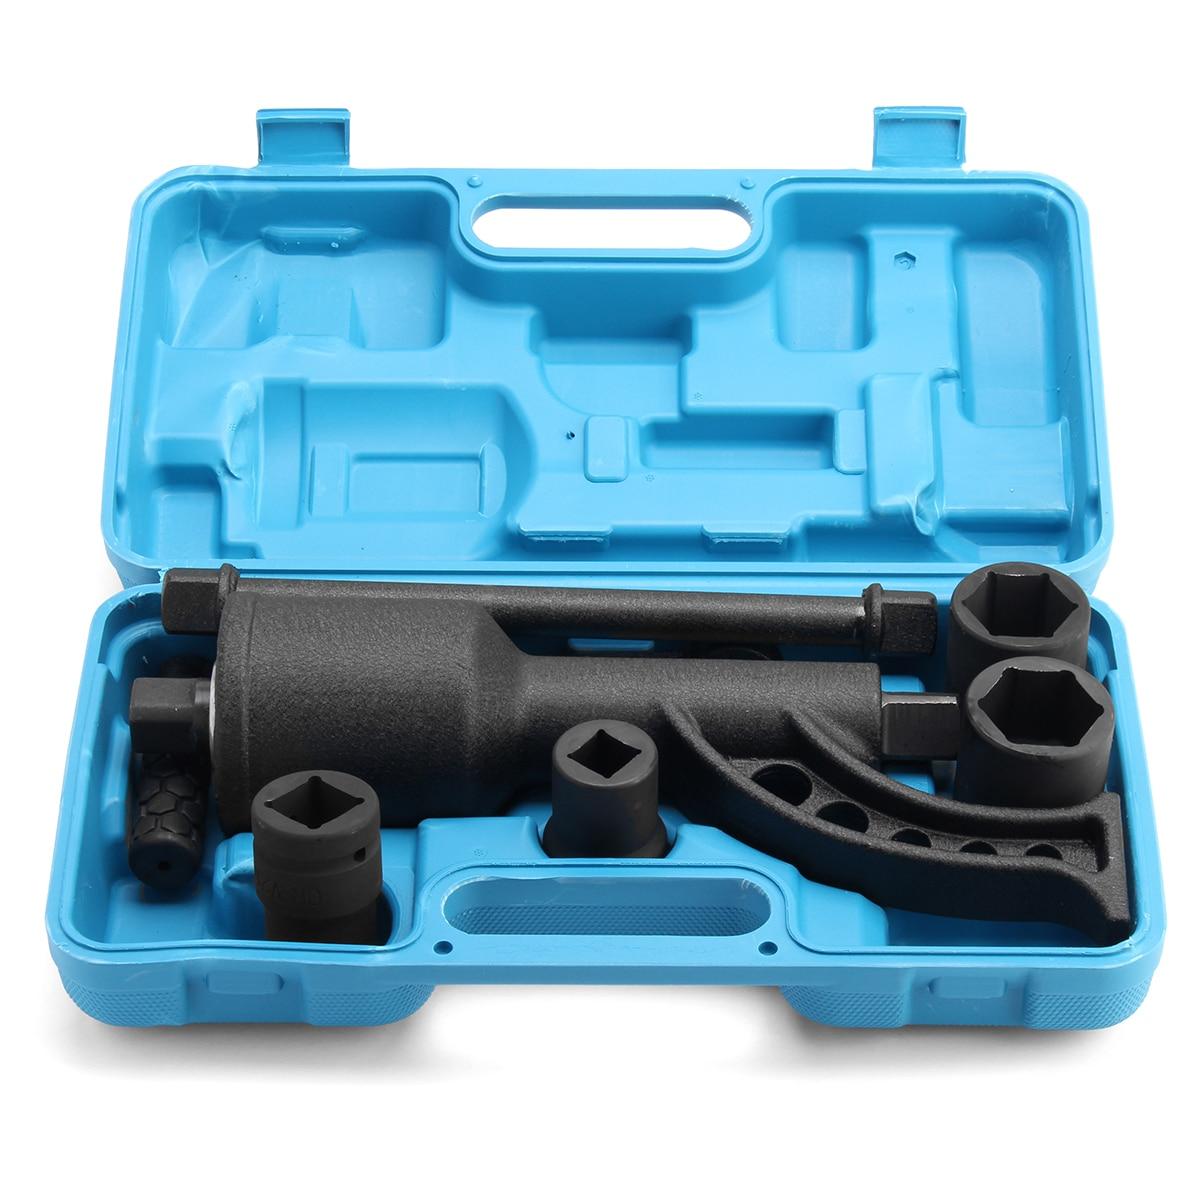 Multiplicateur de couple clé écrou de cosses dissolvant économie de travail prise lavage de voiture entretien moteur entretien